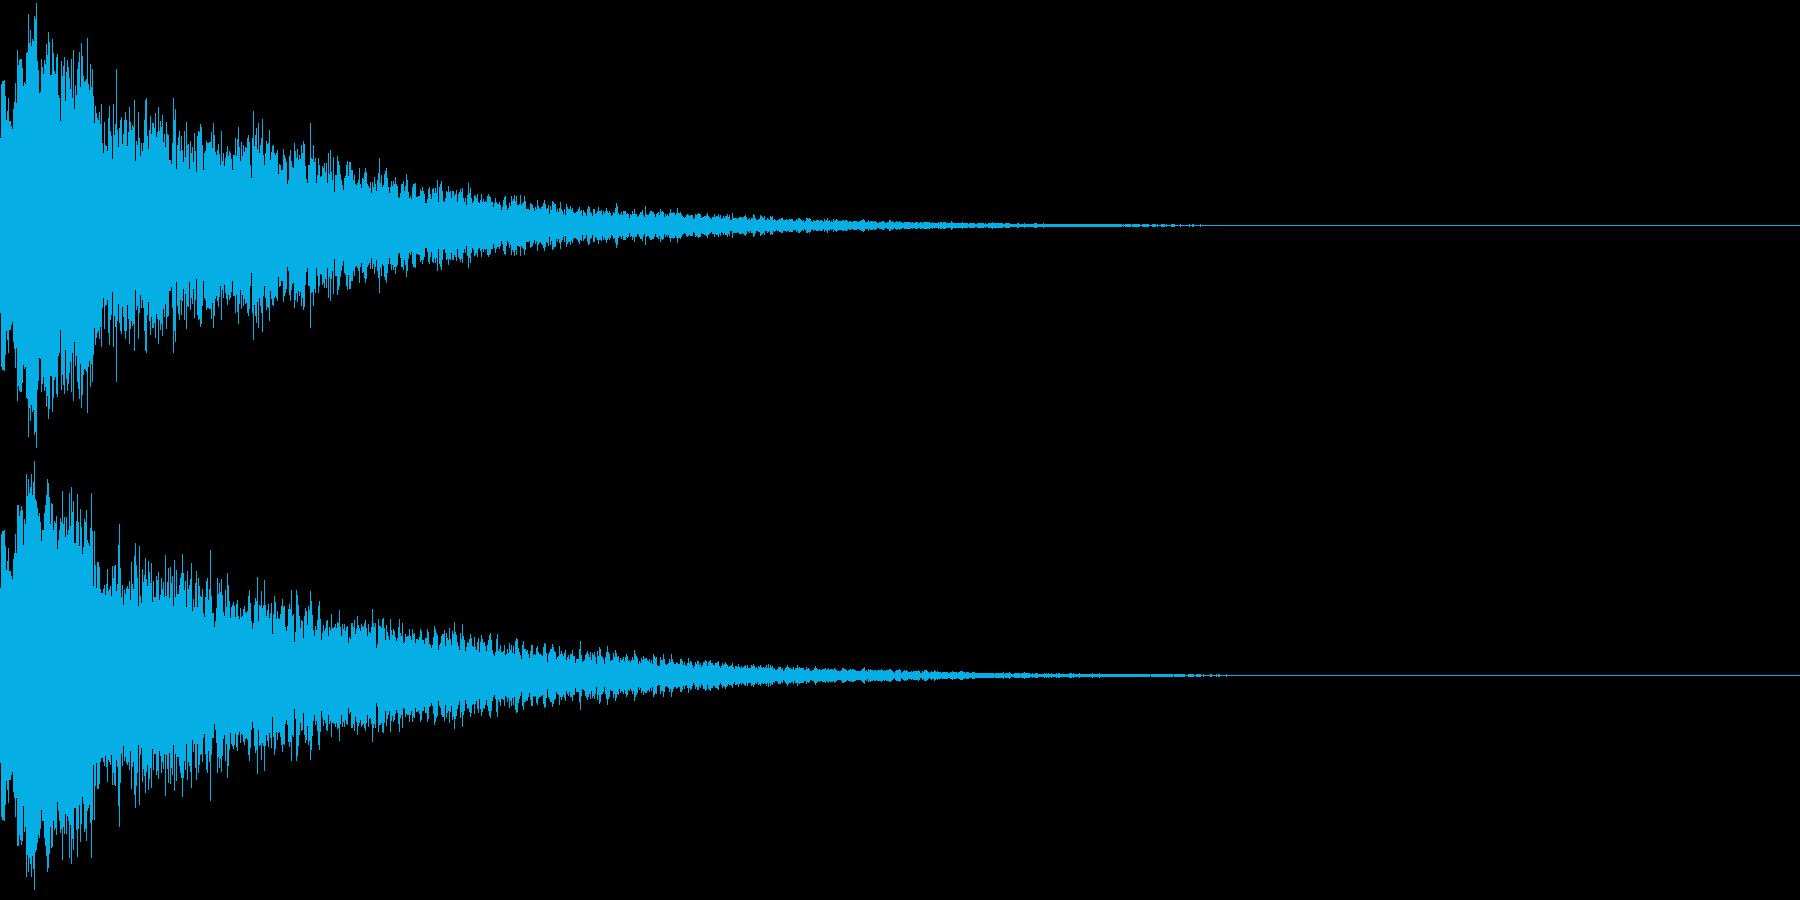 キュイン シャキン キラリン ピカンの再生済みの波形